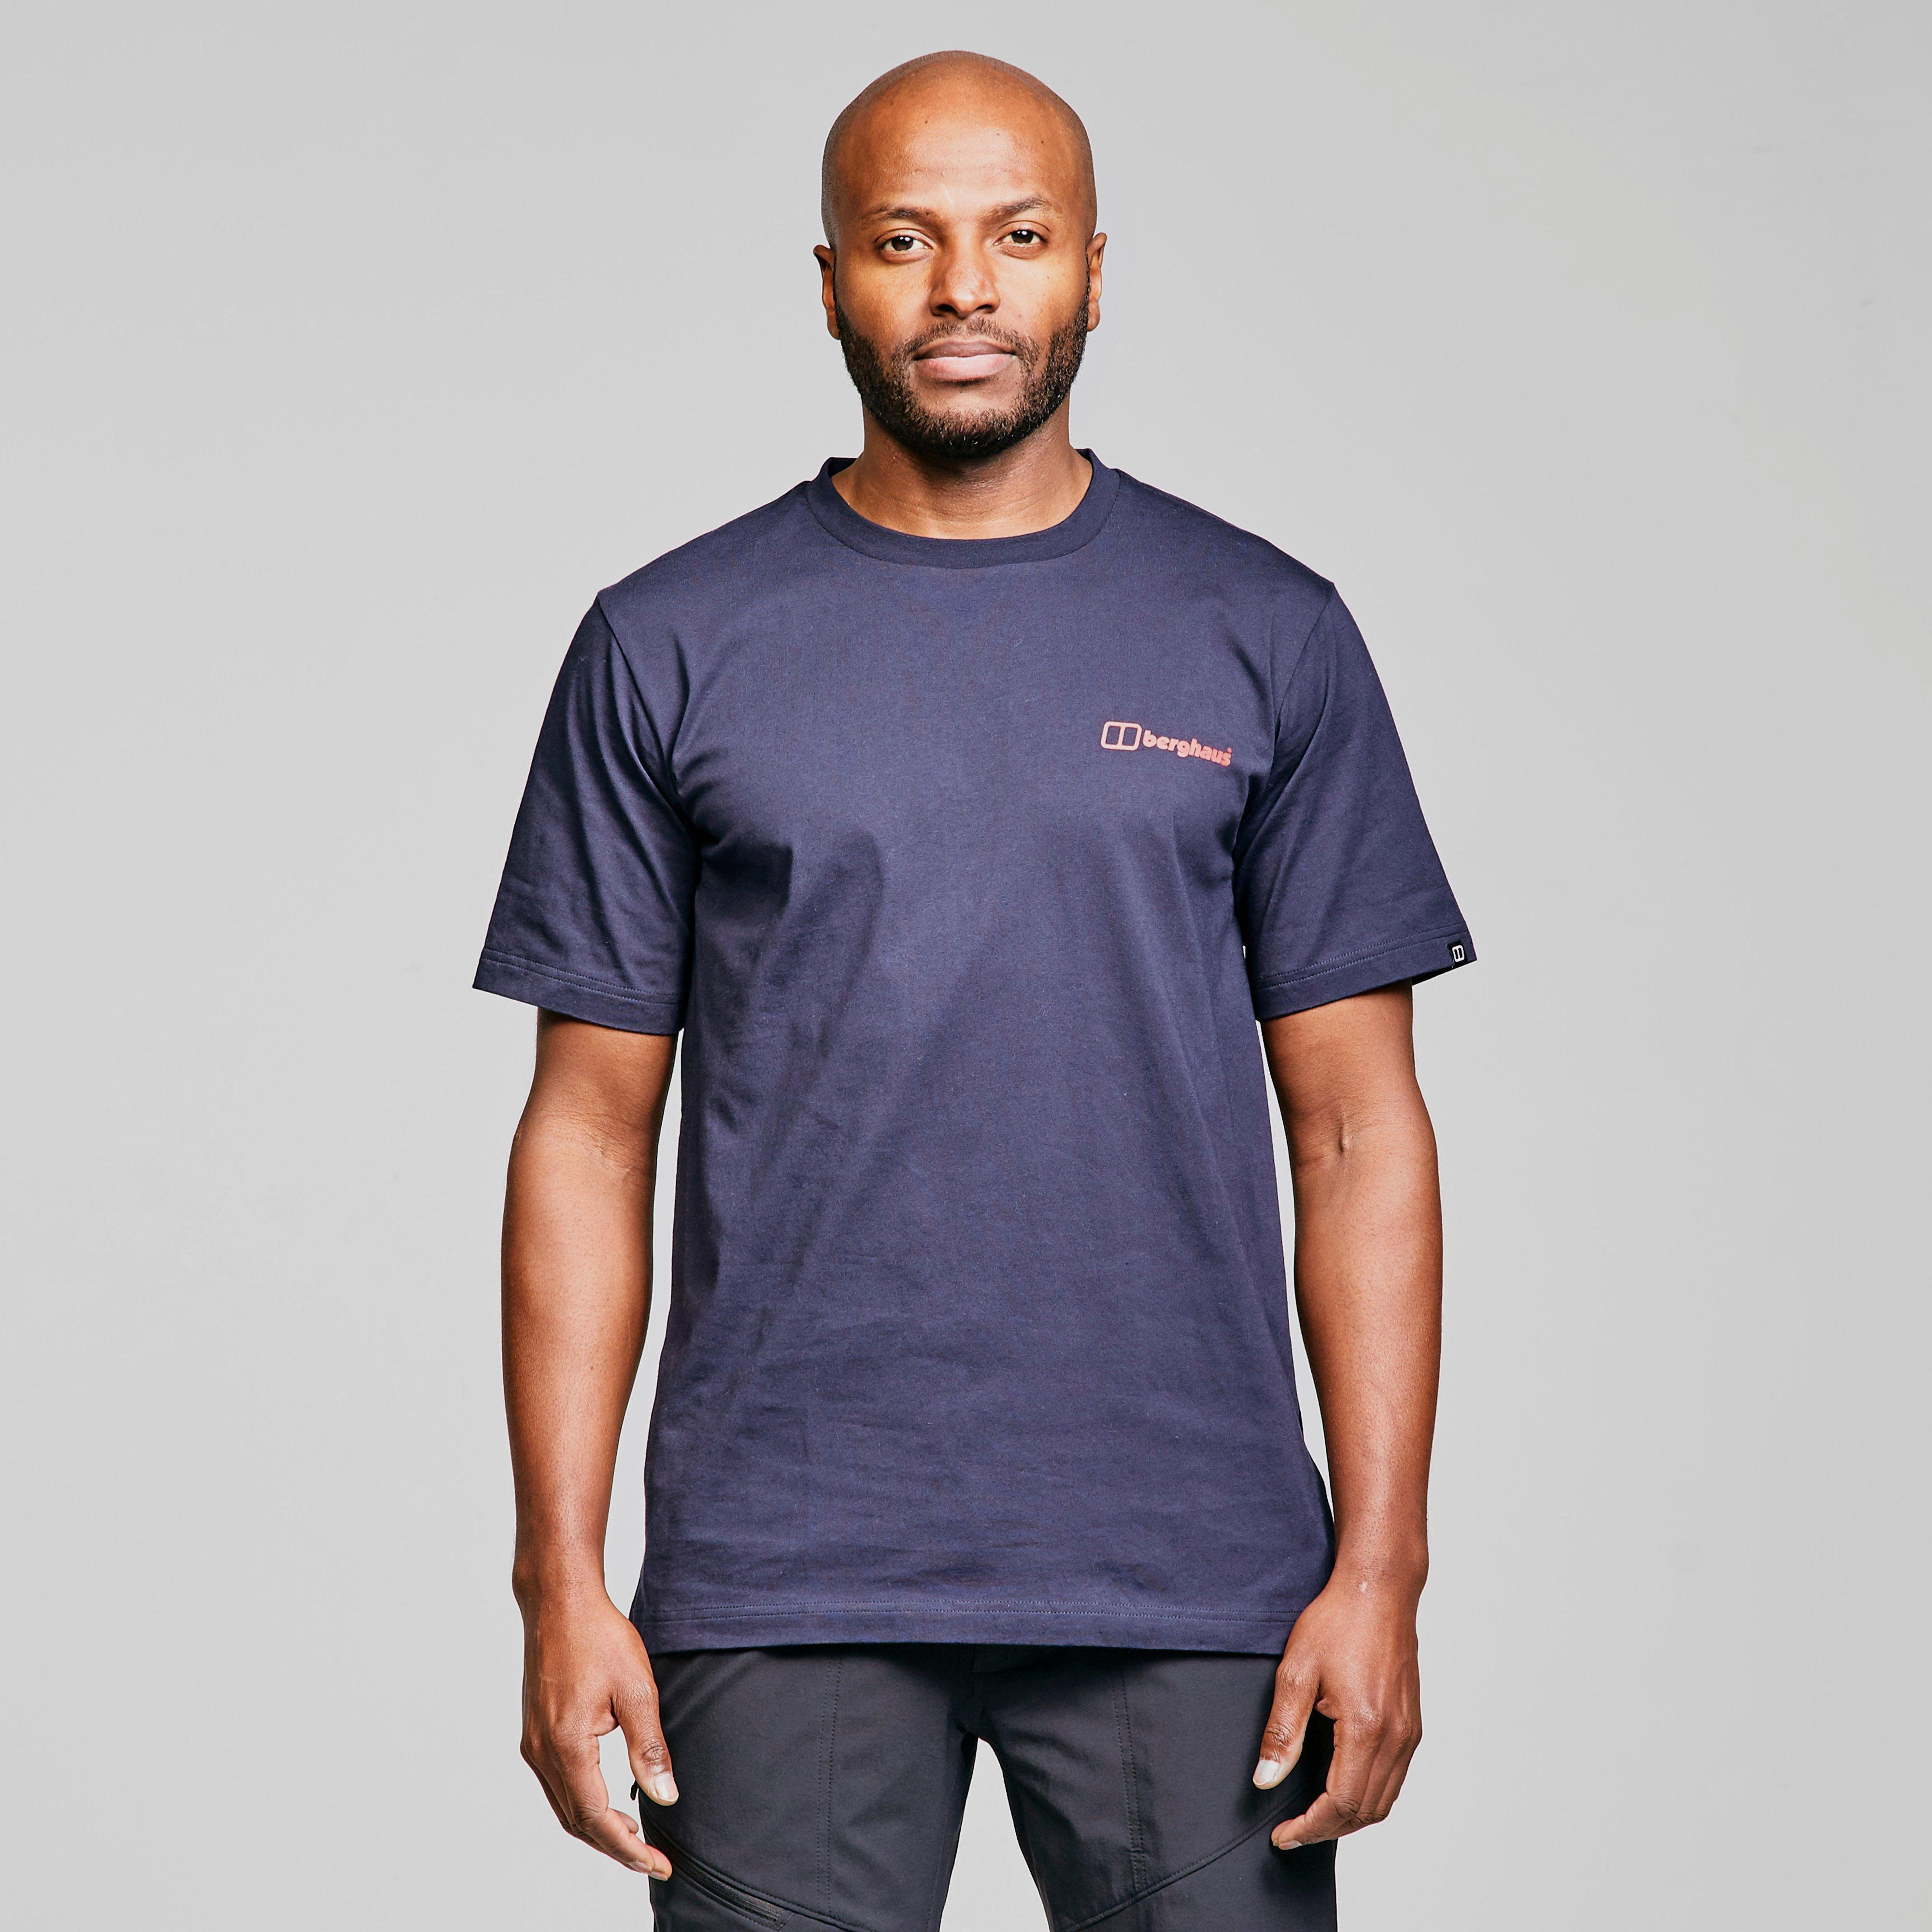 Berghaus Core Logo Short Sleeve T-shirt - Blue  Blue